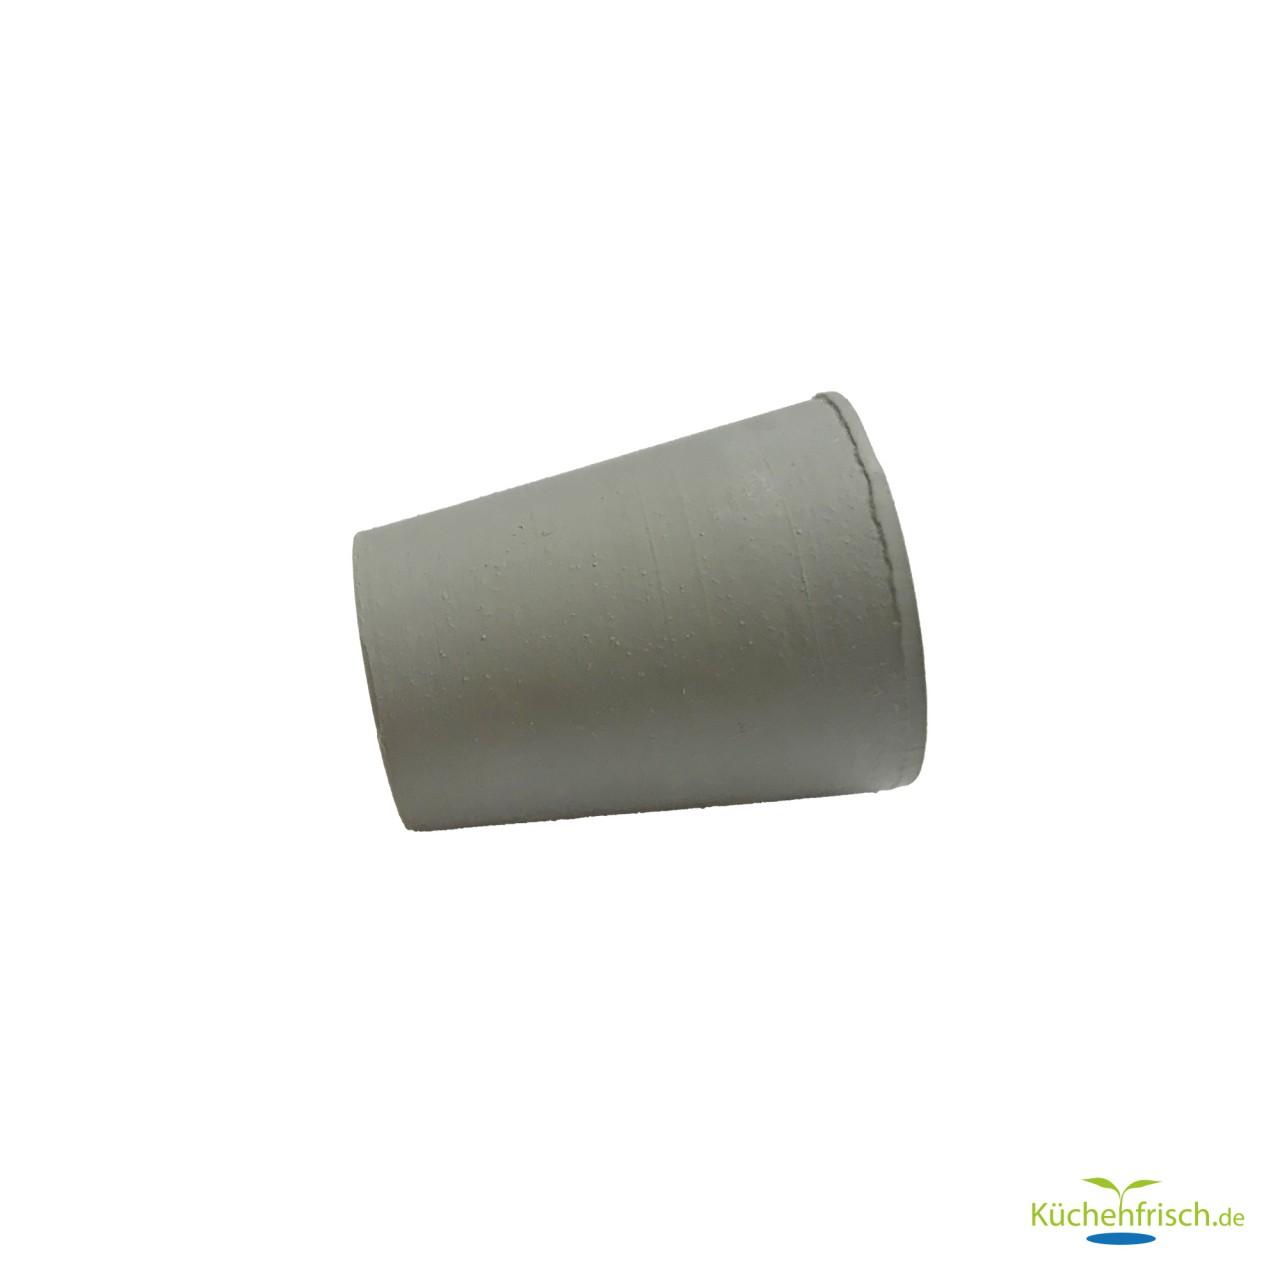 Konischer Verschlussstopfen für 32 mm PVC-U Rohre